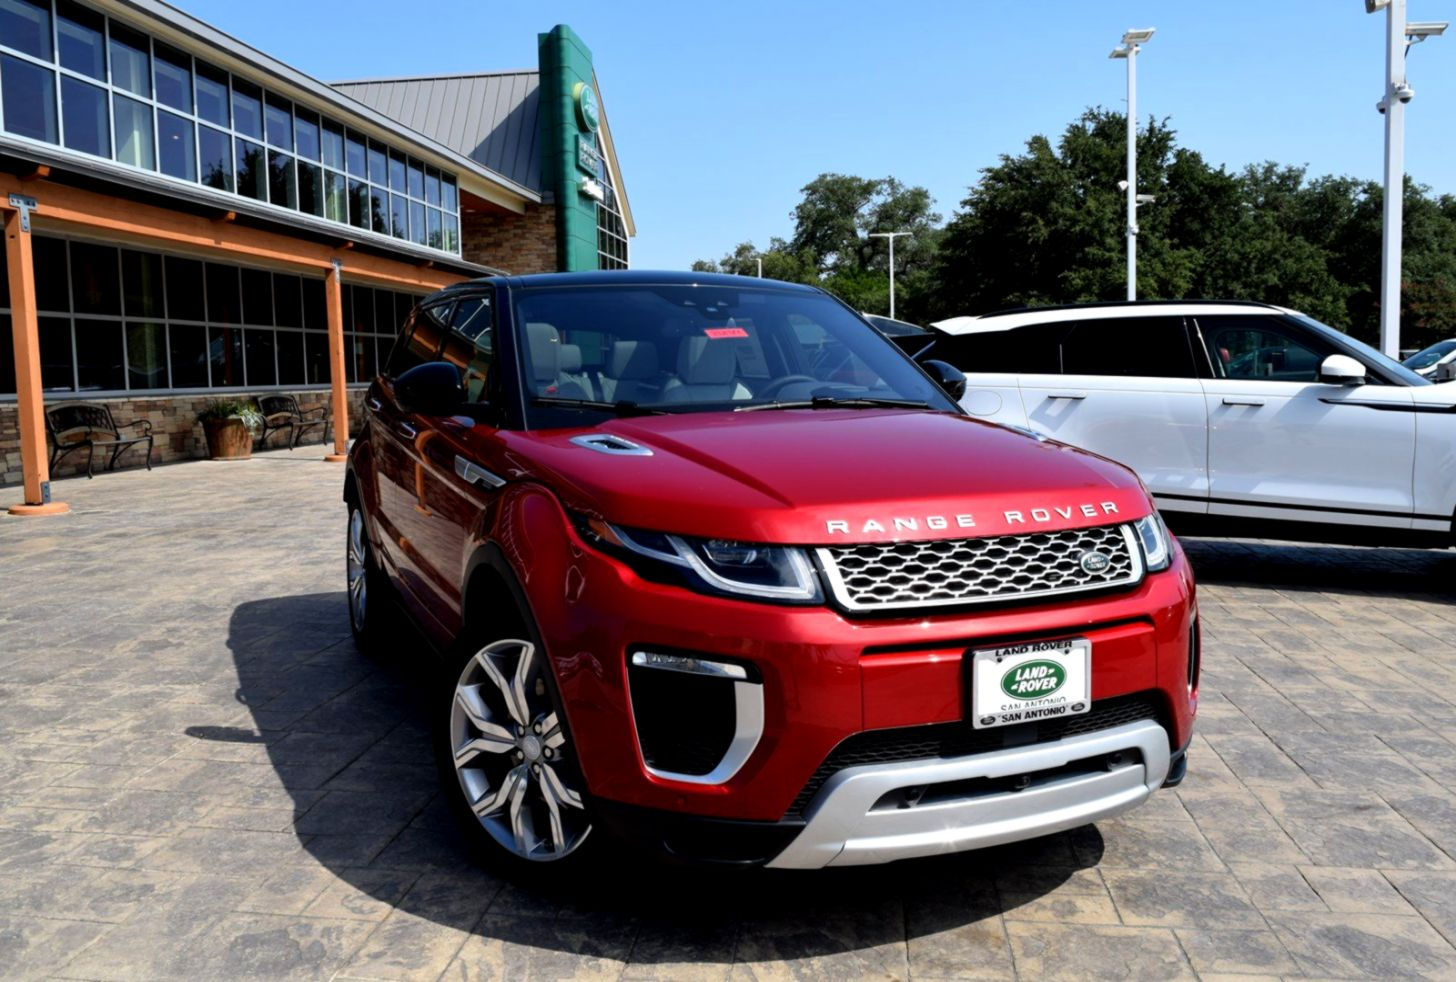 New 2018 Land Rover Range Rover Evoque Autobiography 4 Door in San